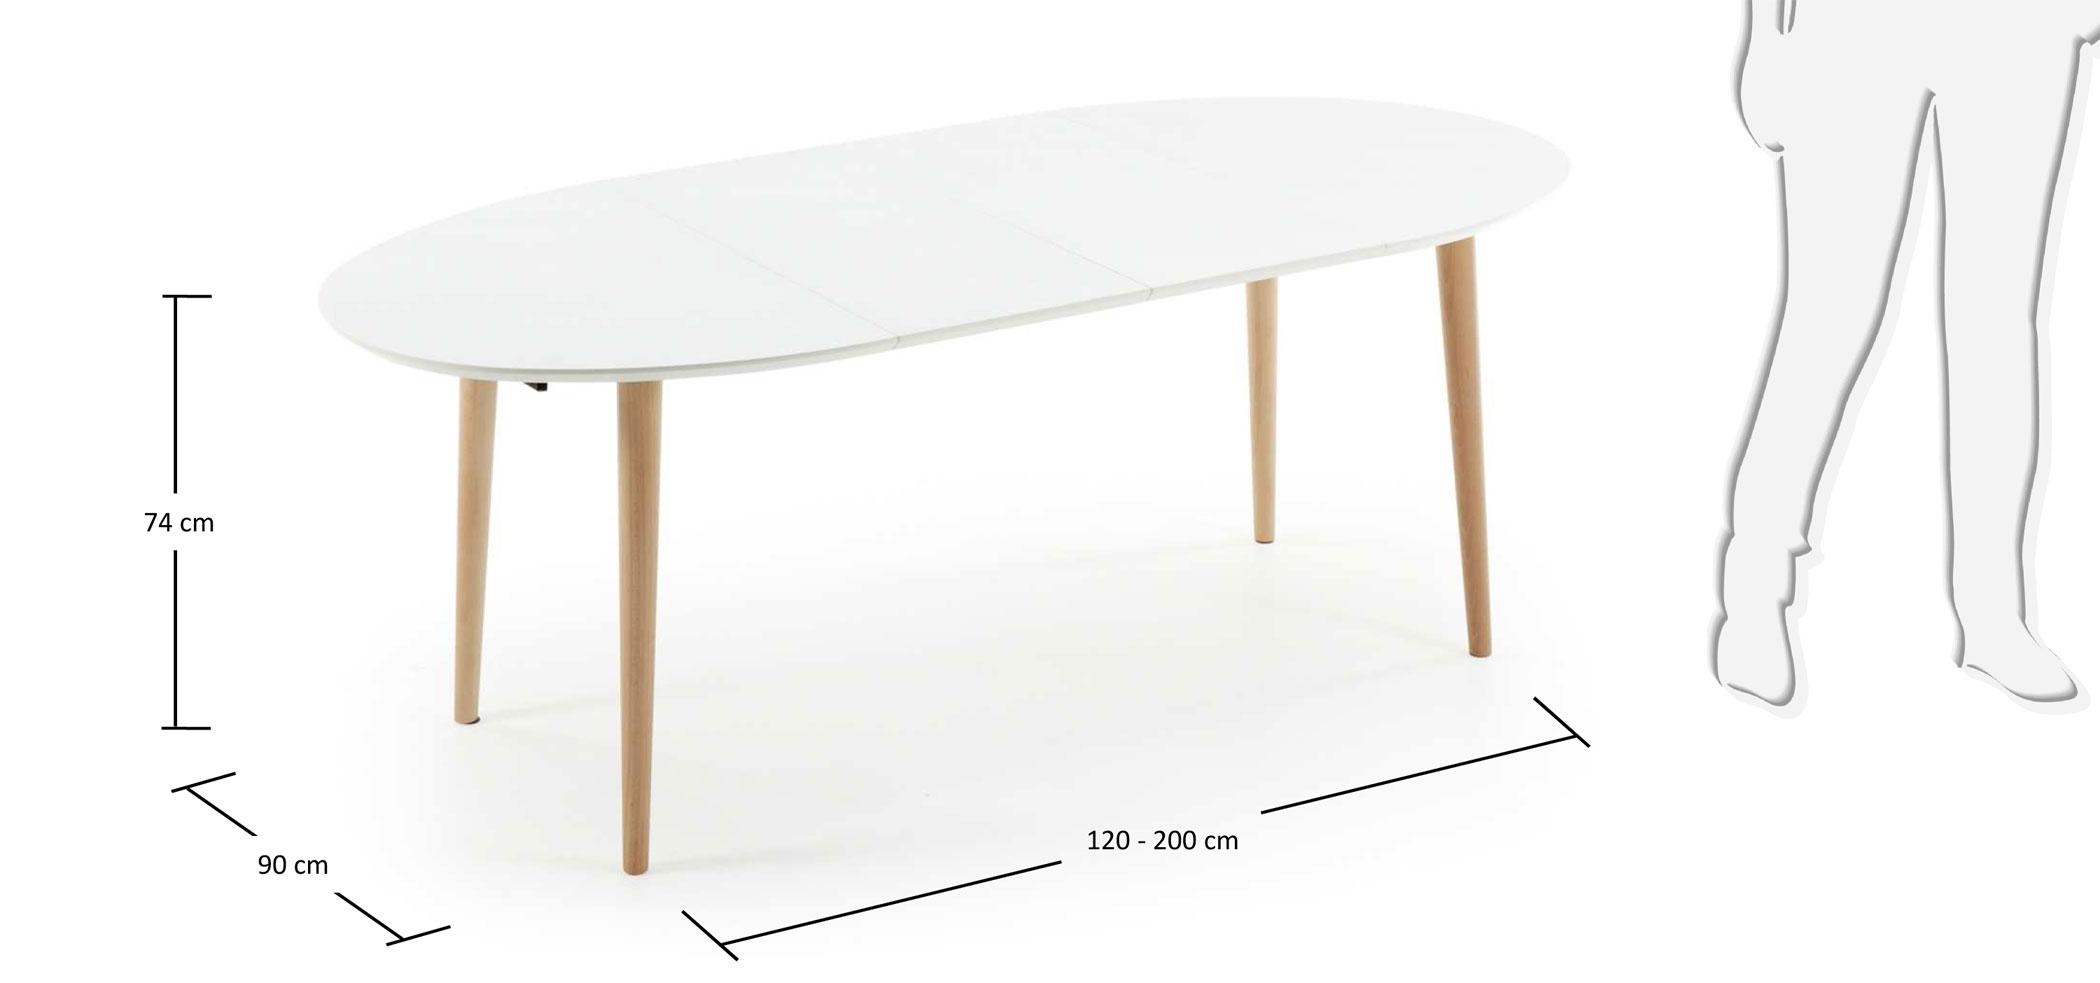 Mesa de comedor ovalada extensible nórdica Oqui